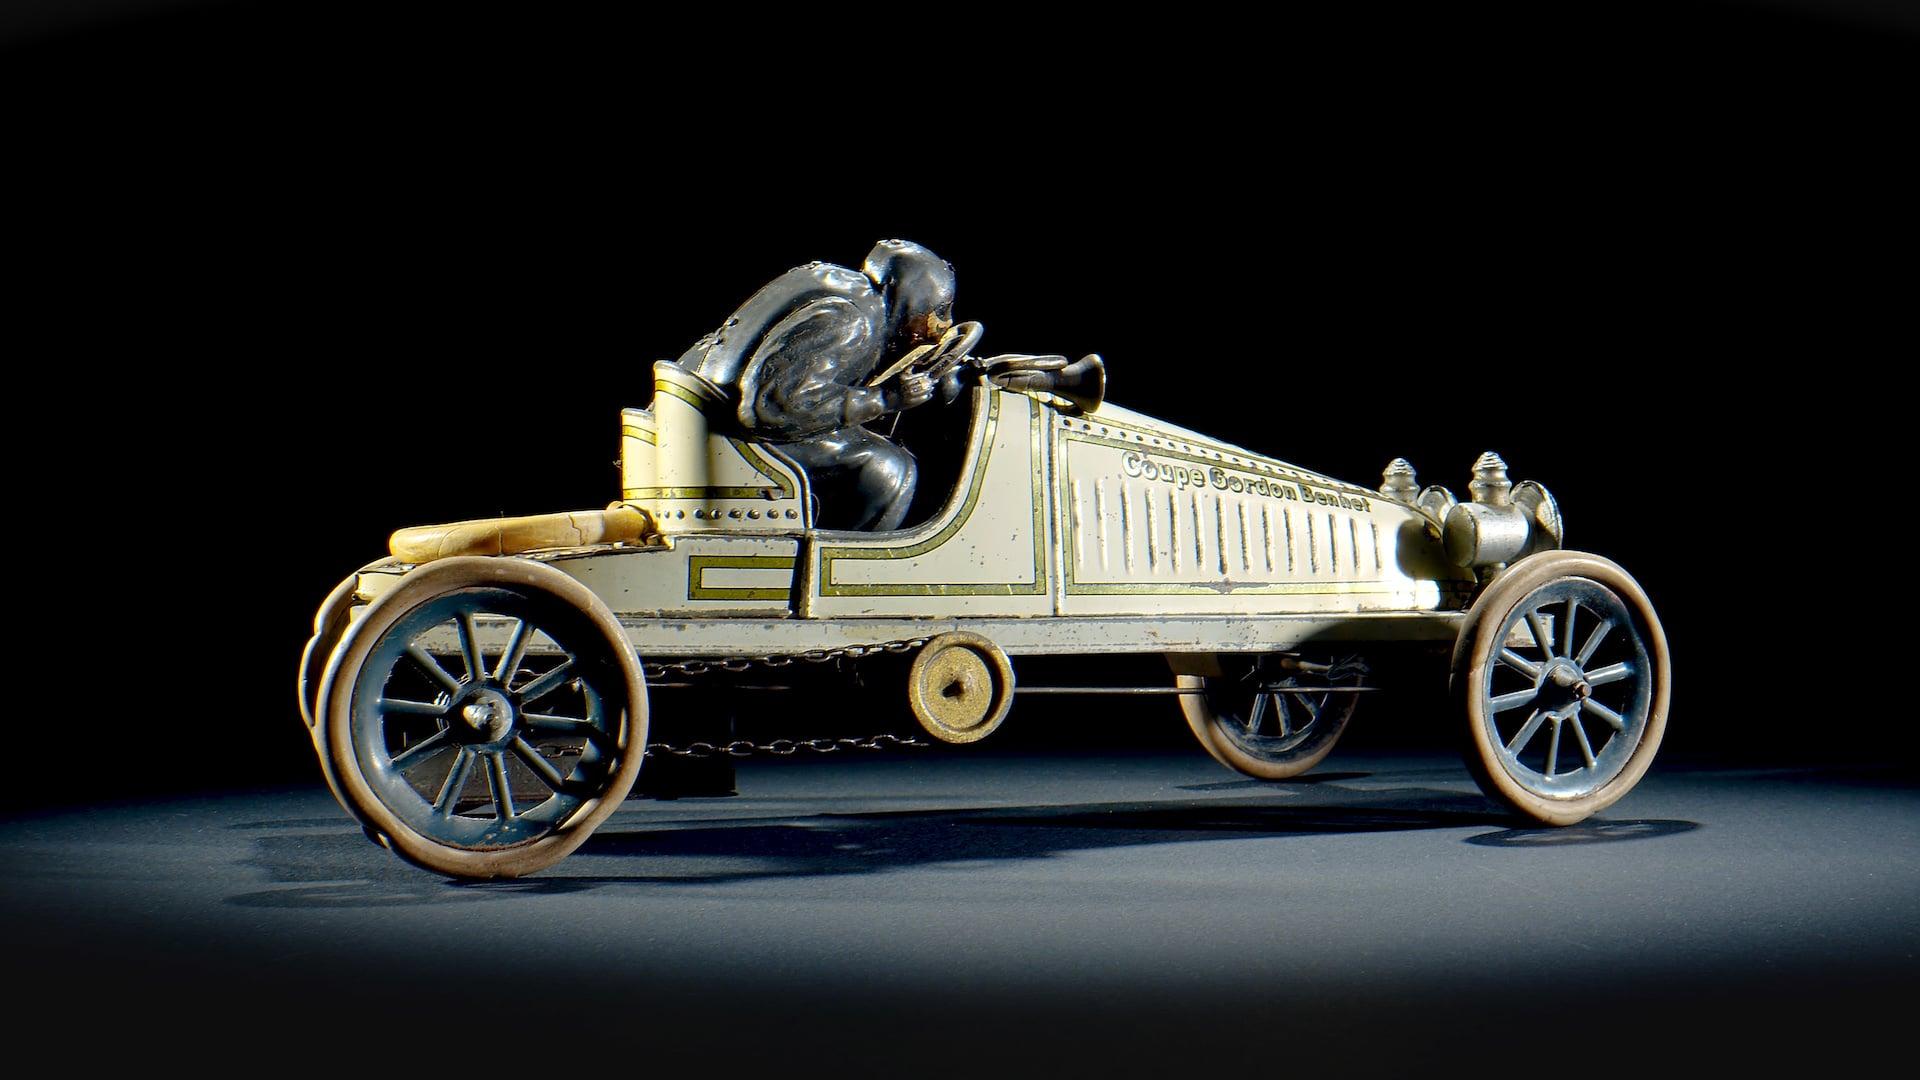 Gordon Bennett Rennwagen